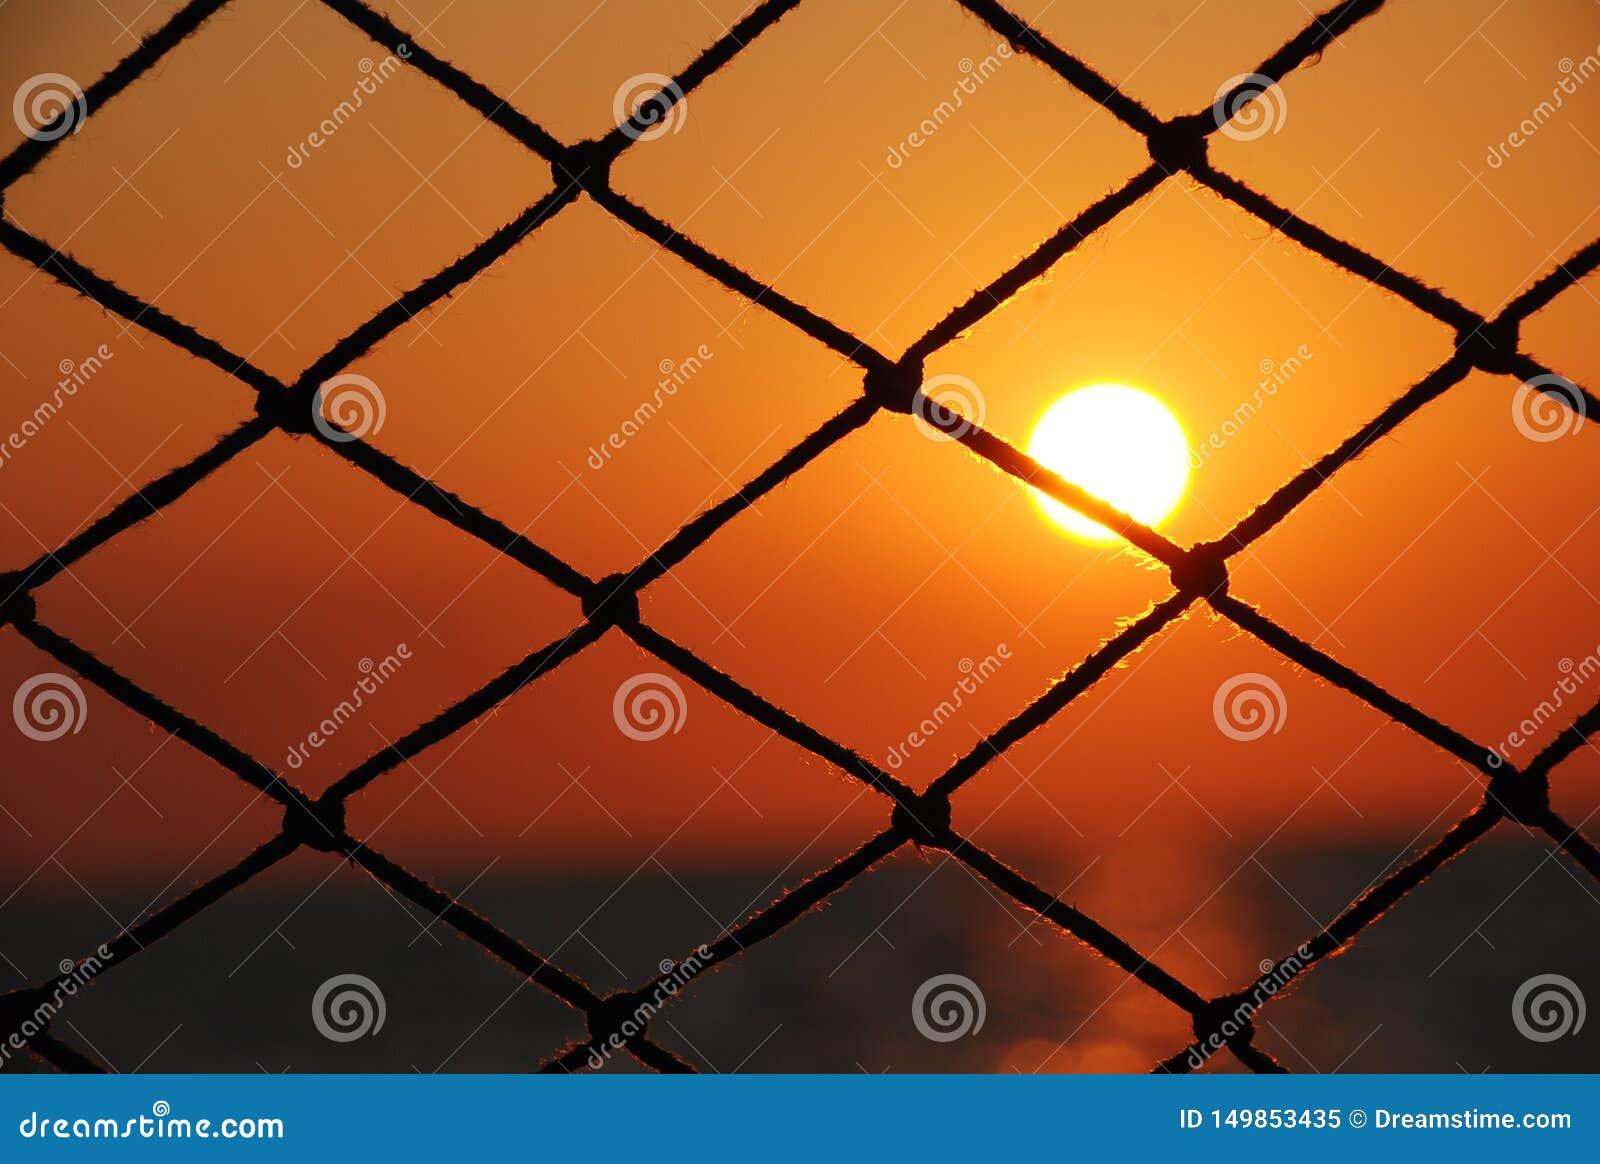 Ideia do por do sol através da rede do veleiro